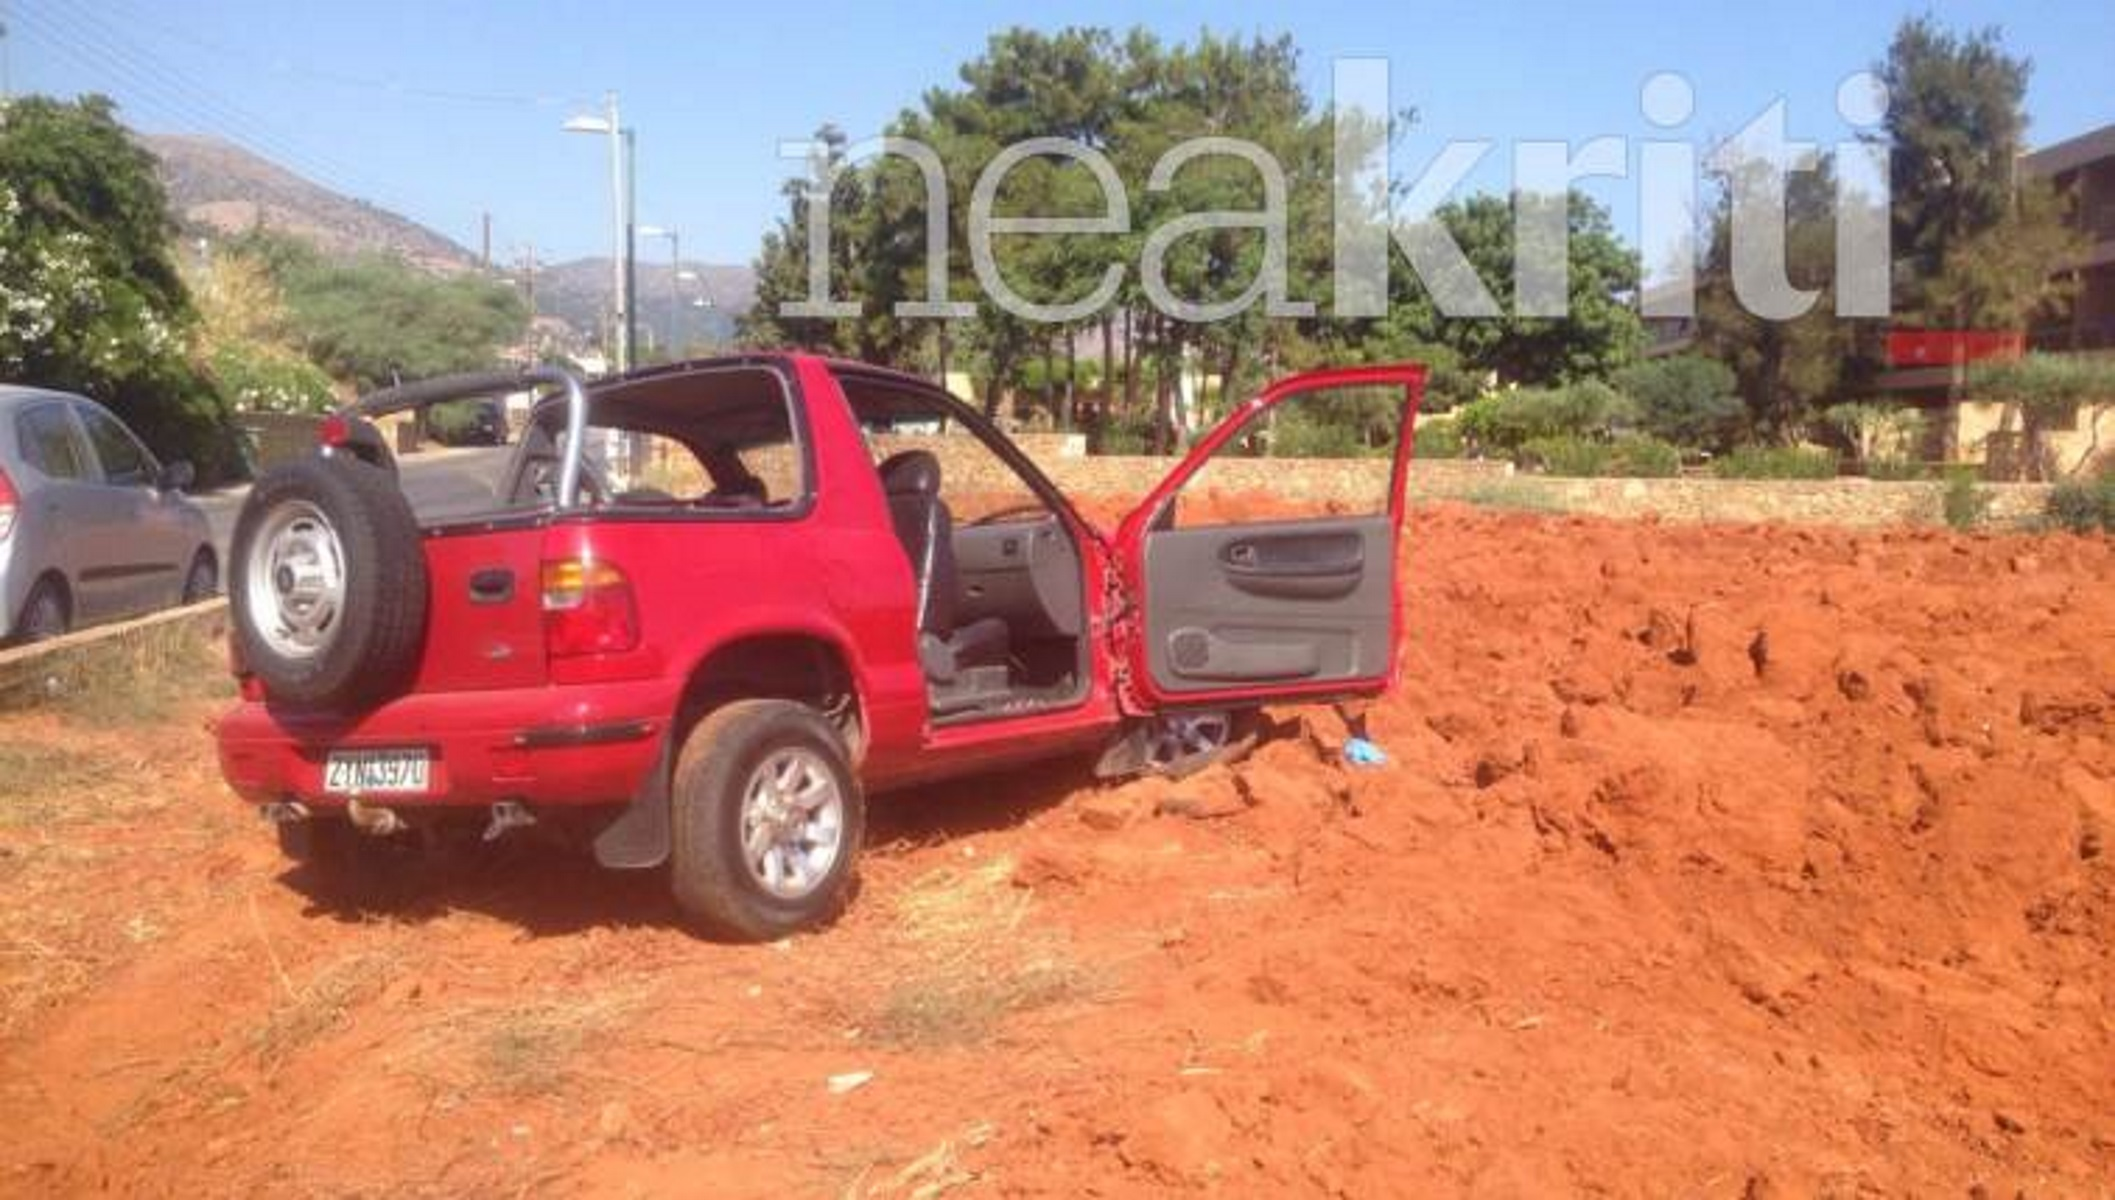 Κρήτη: Ανατριχιαστικά στοιχεία για το δυστύχημα στα Μάλια